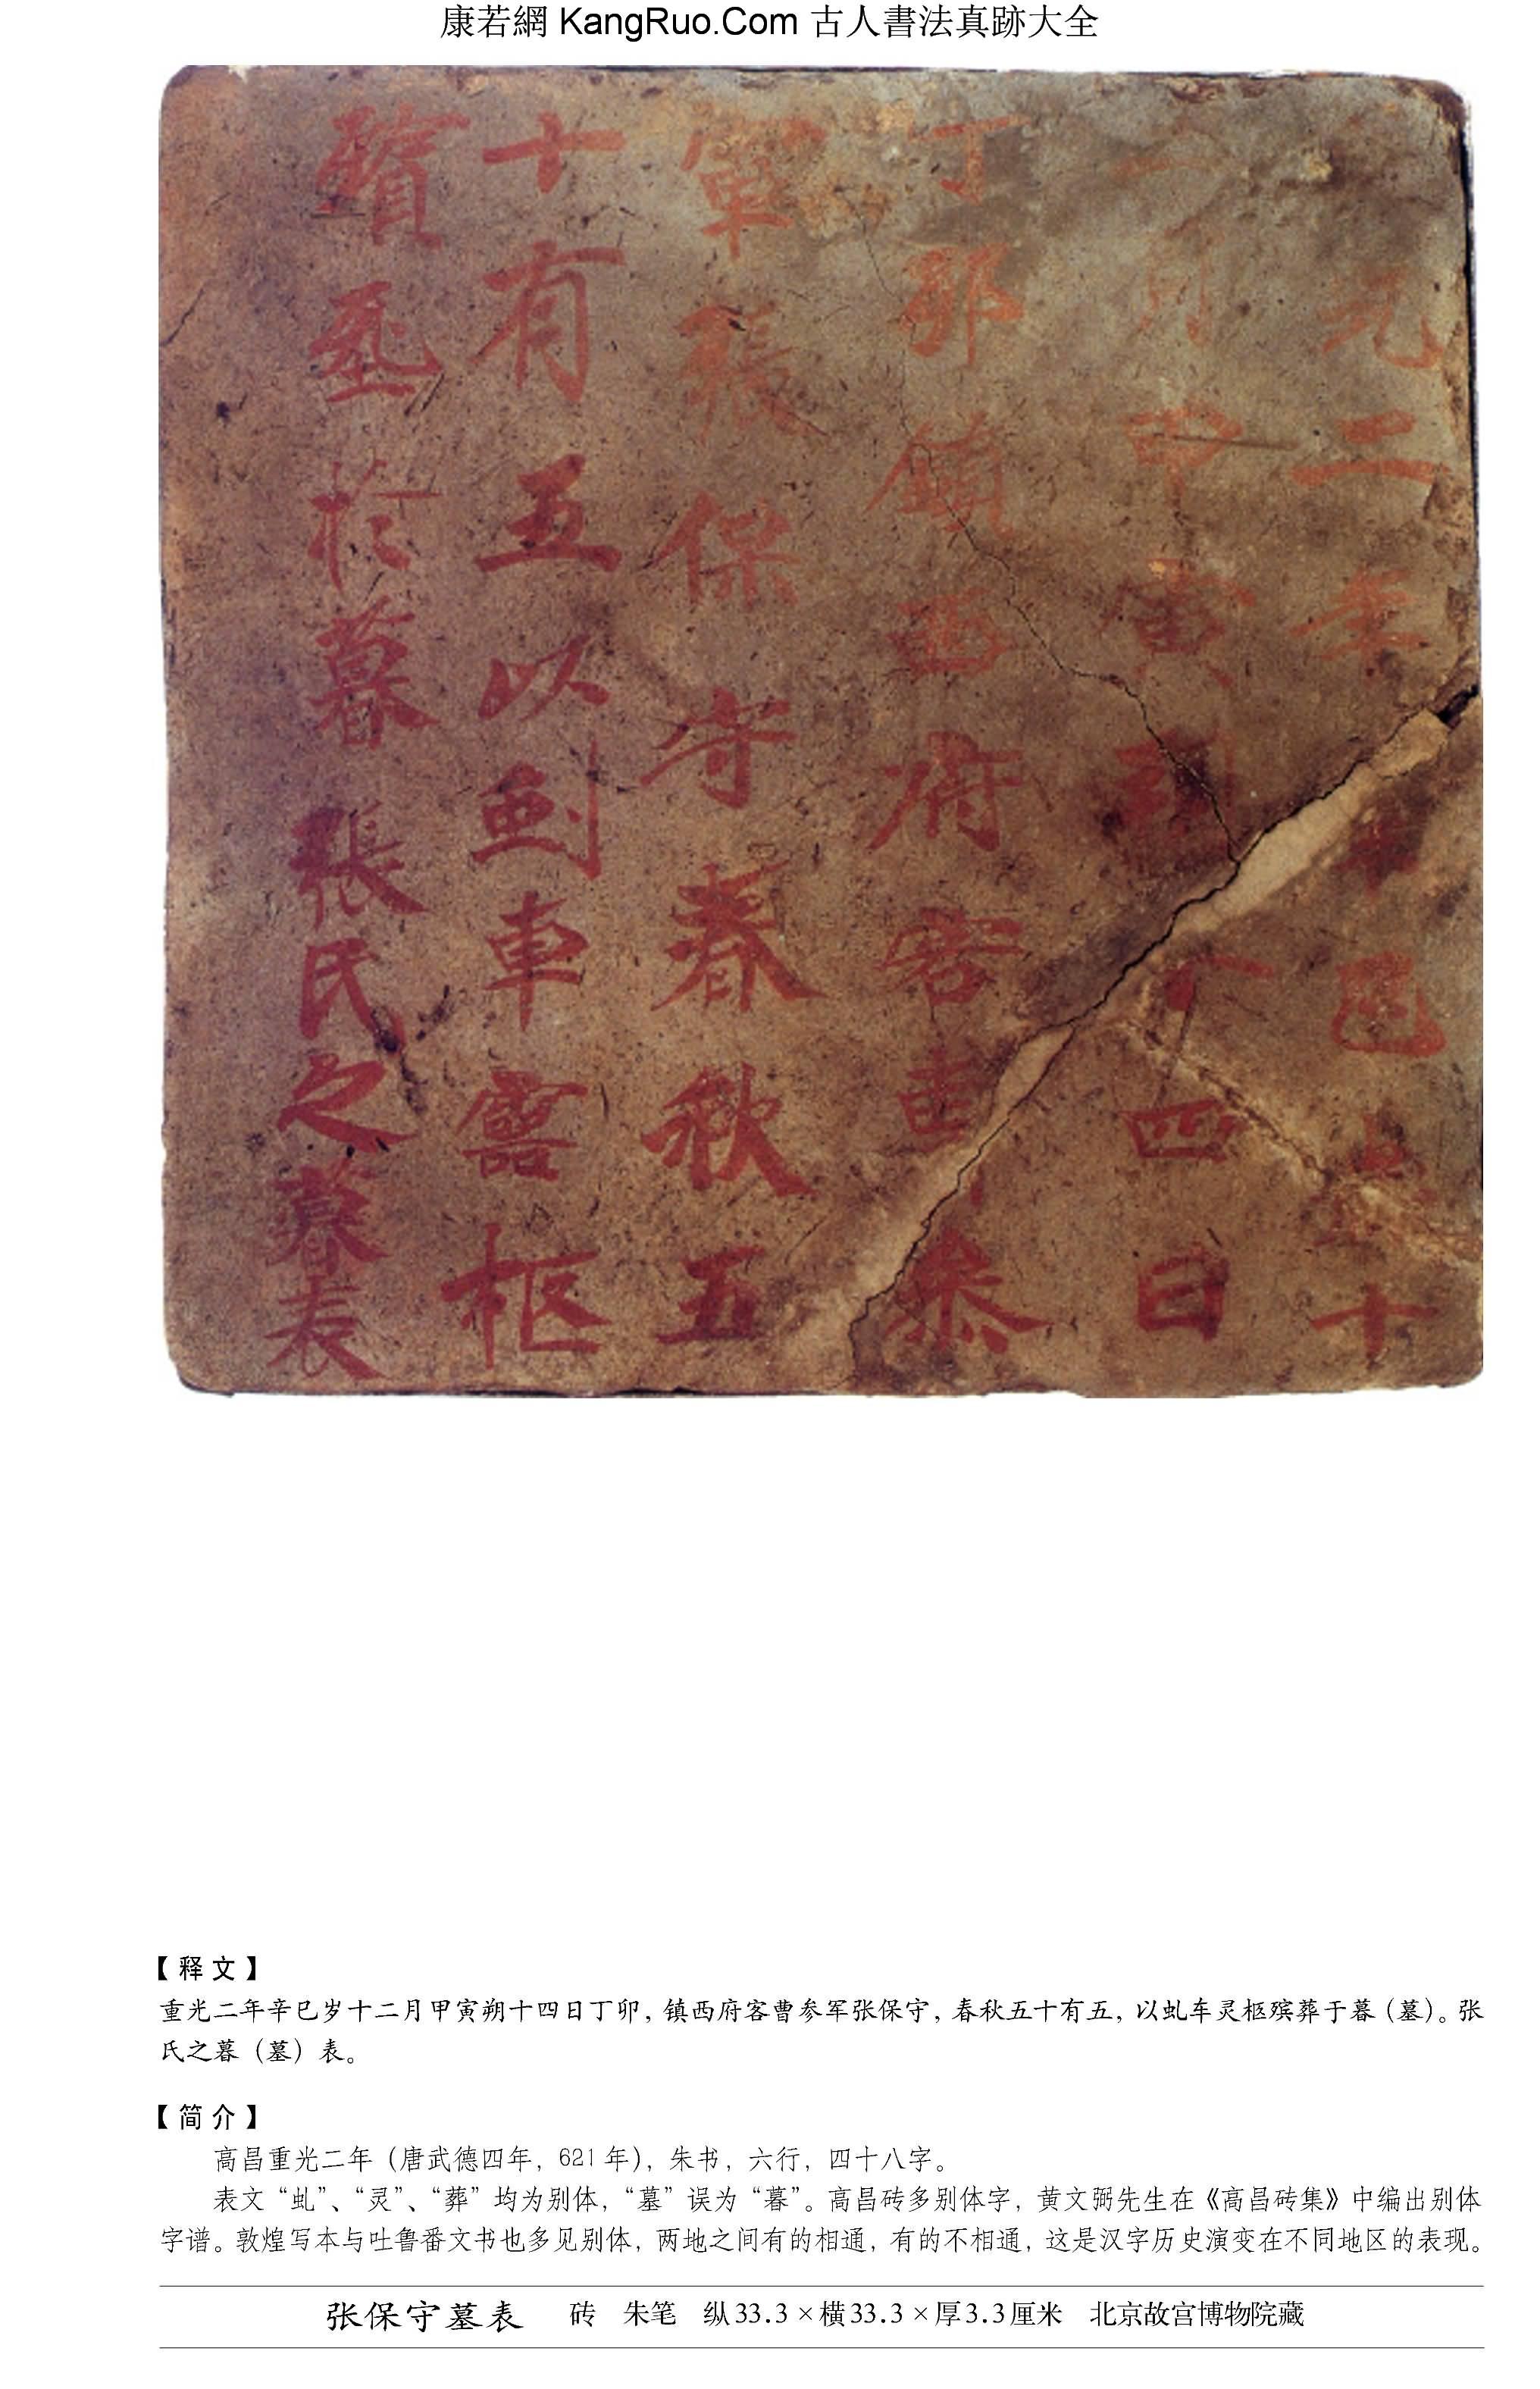 《張保守墓表》磚刻朱筆書法真跡【唐代·高昌磚】_00047